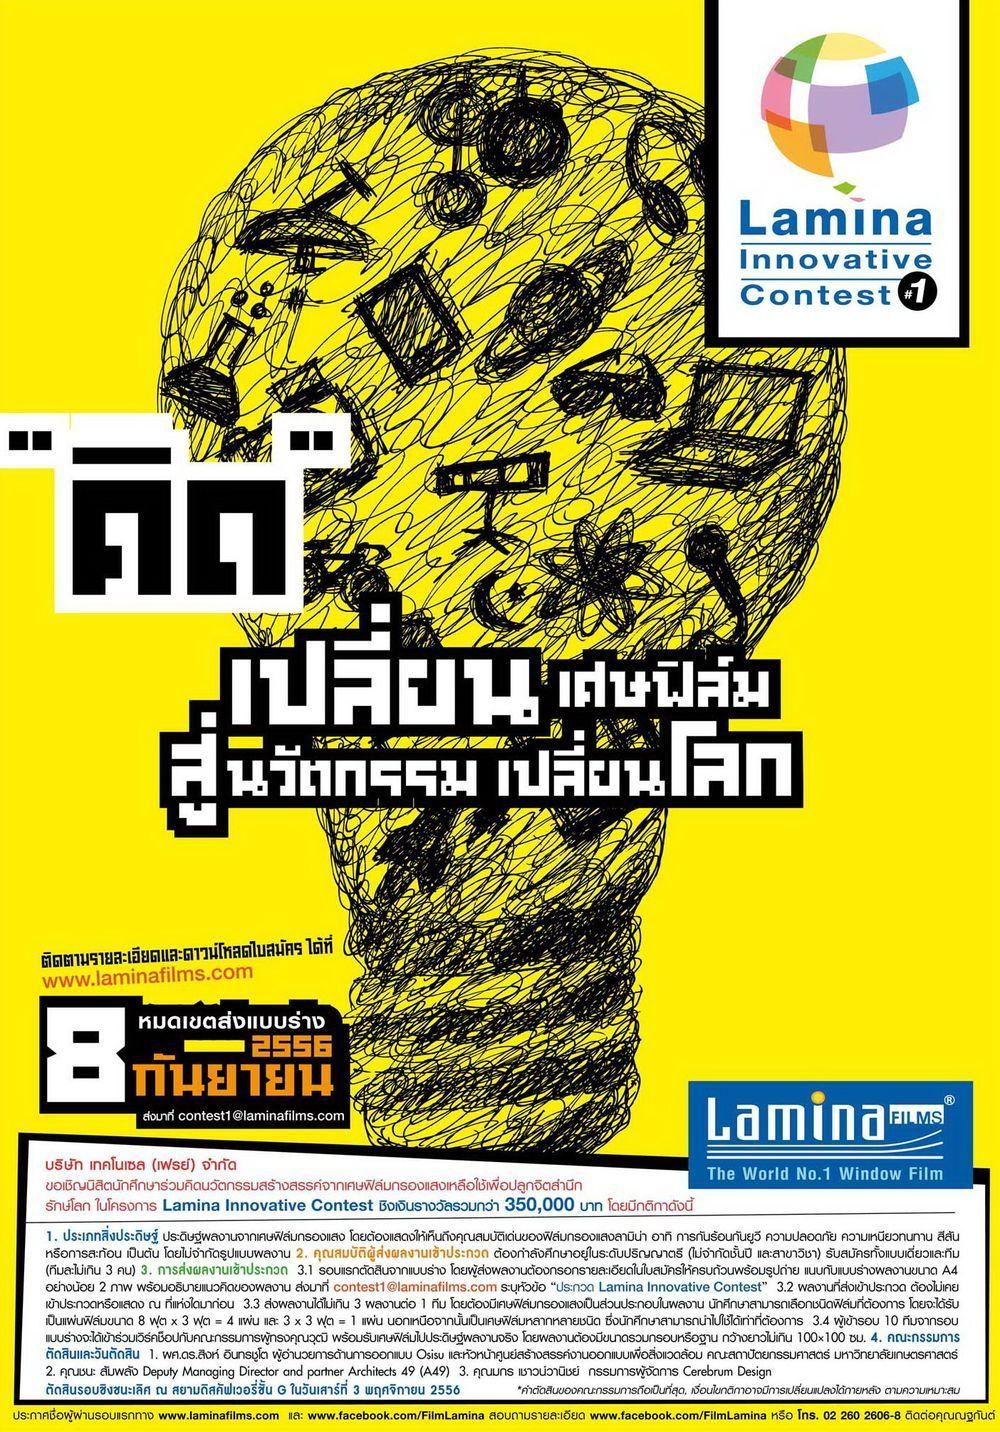 ลามิน่าเปิดโครงการ Lamina Innovative Contest